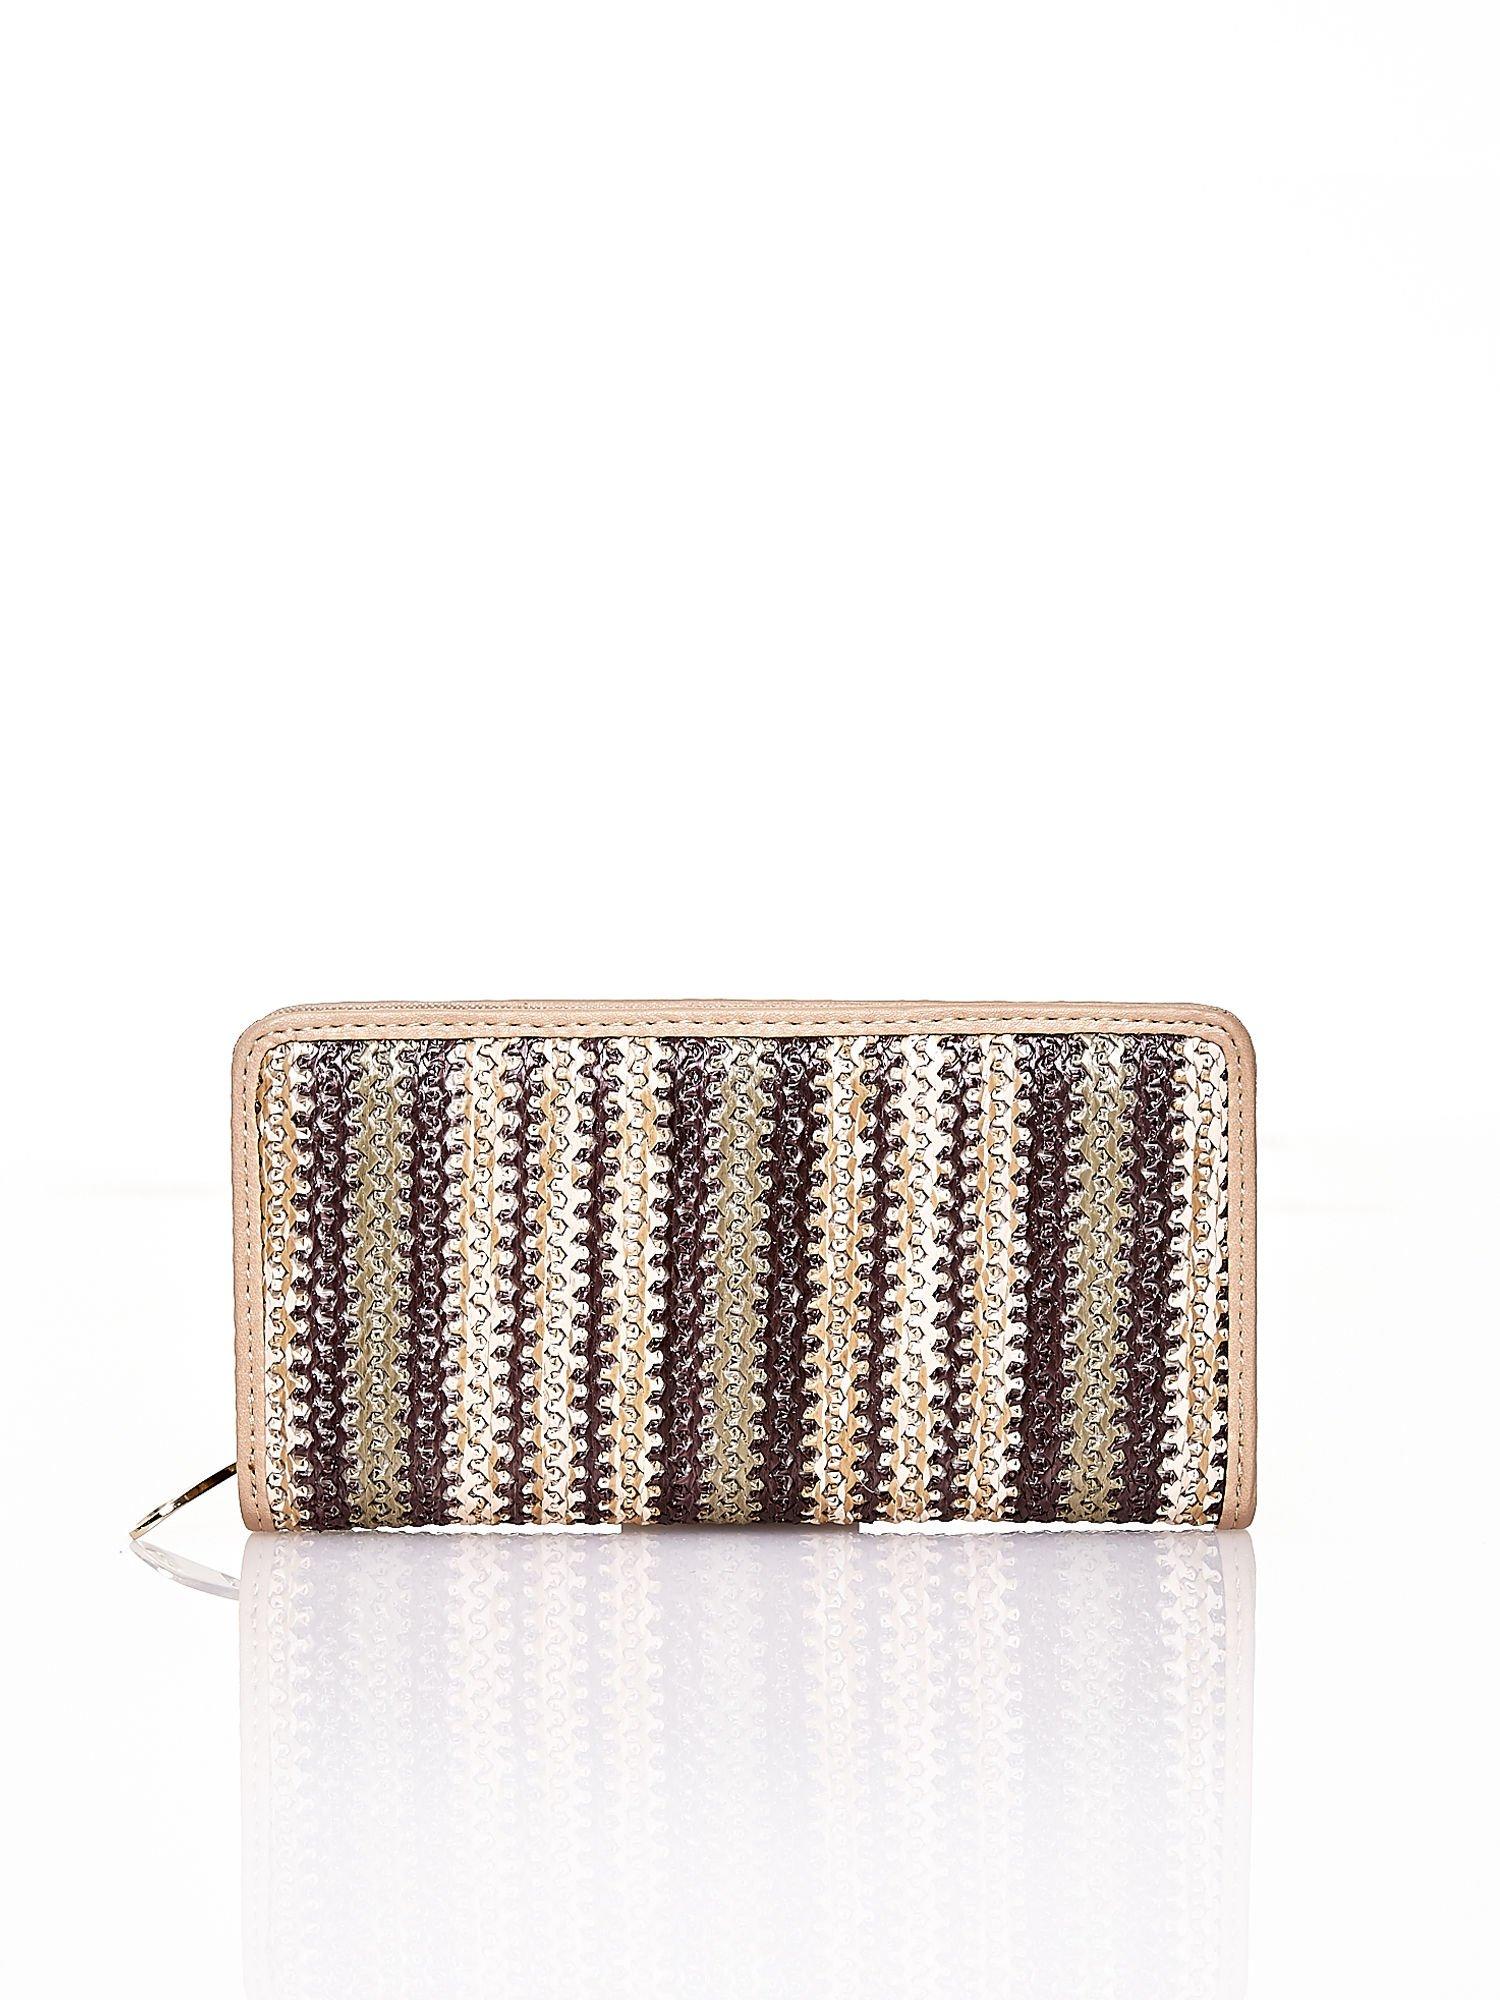 Ciemnobeżowy pleciony portfel w pionowe paski                                  zdj.                                  1